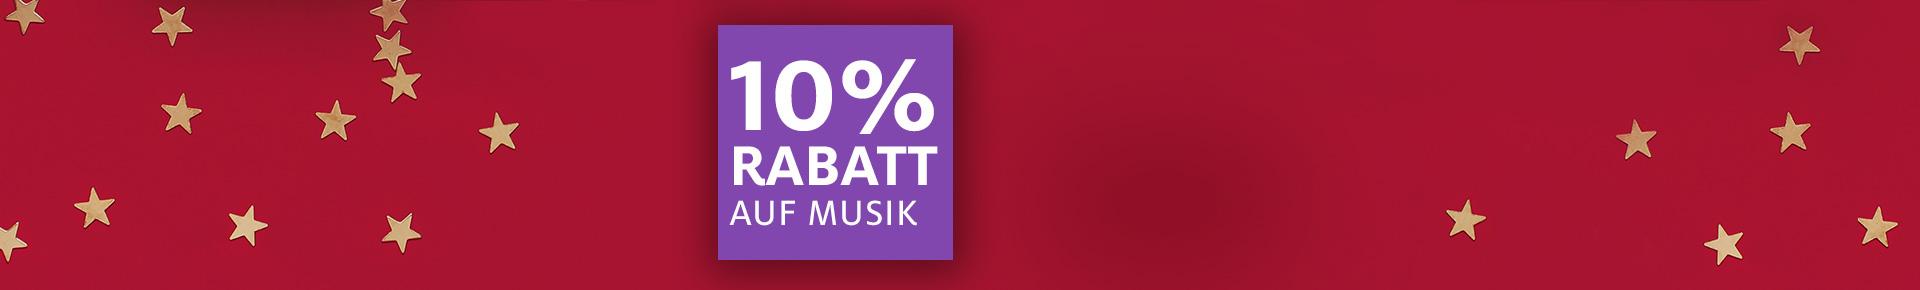 3. Adventsüberraschung: 10% auf Musik